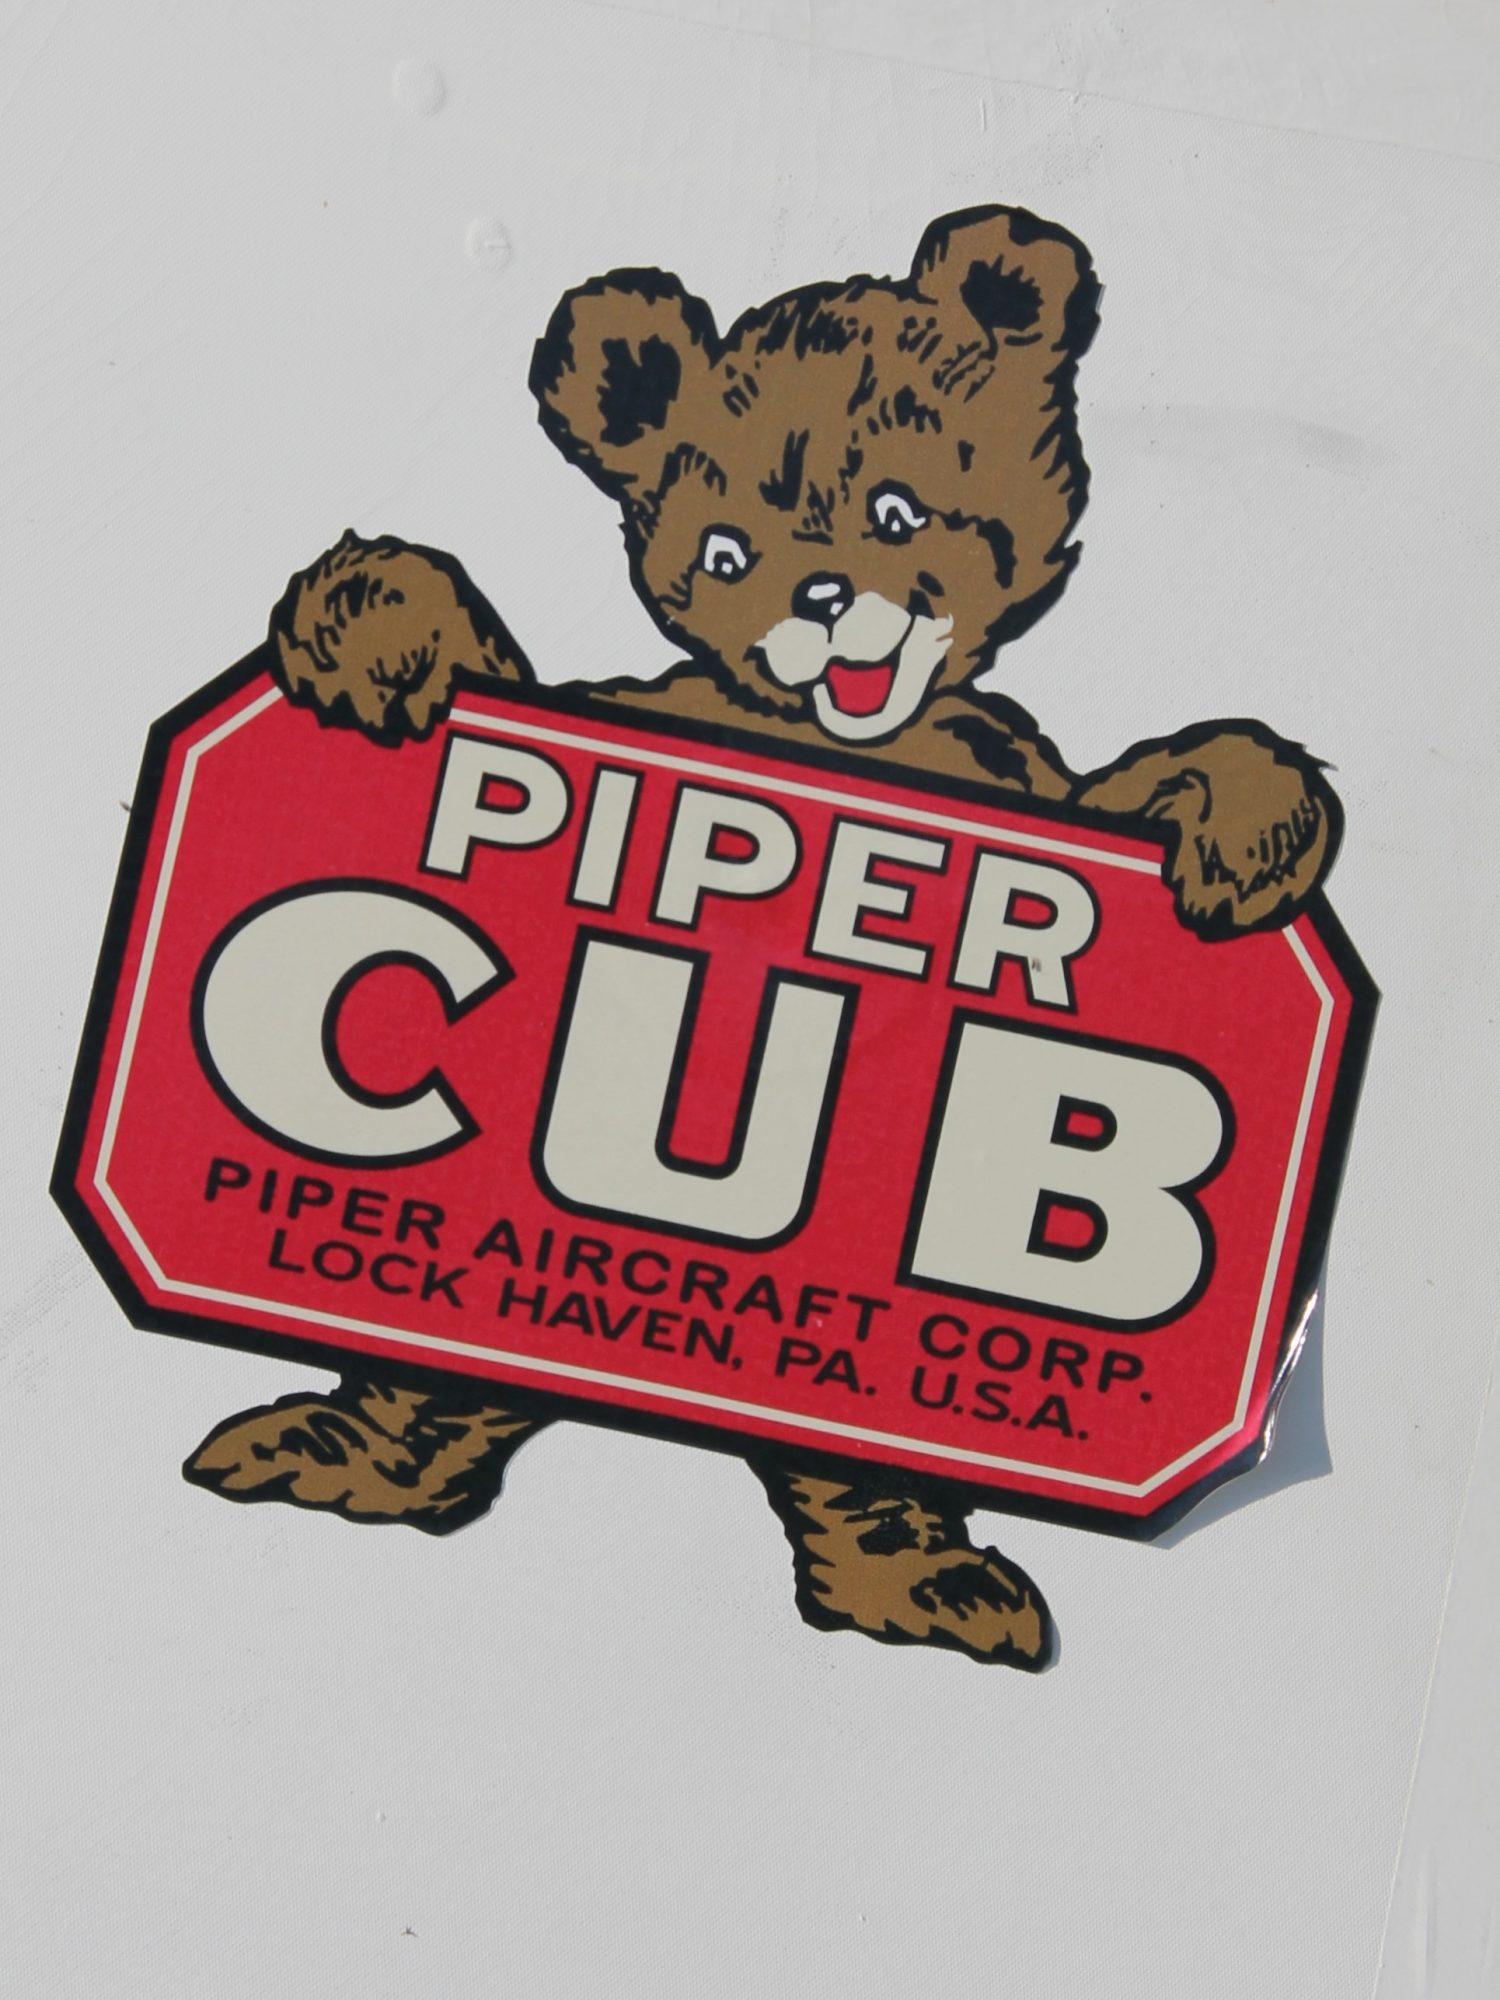 Piper Aircraft Corp. © Benjamin Gilbert